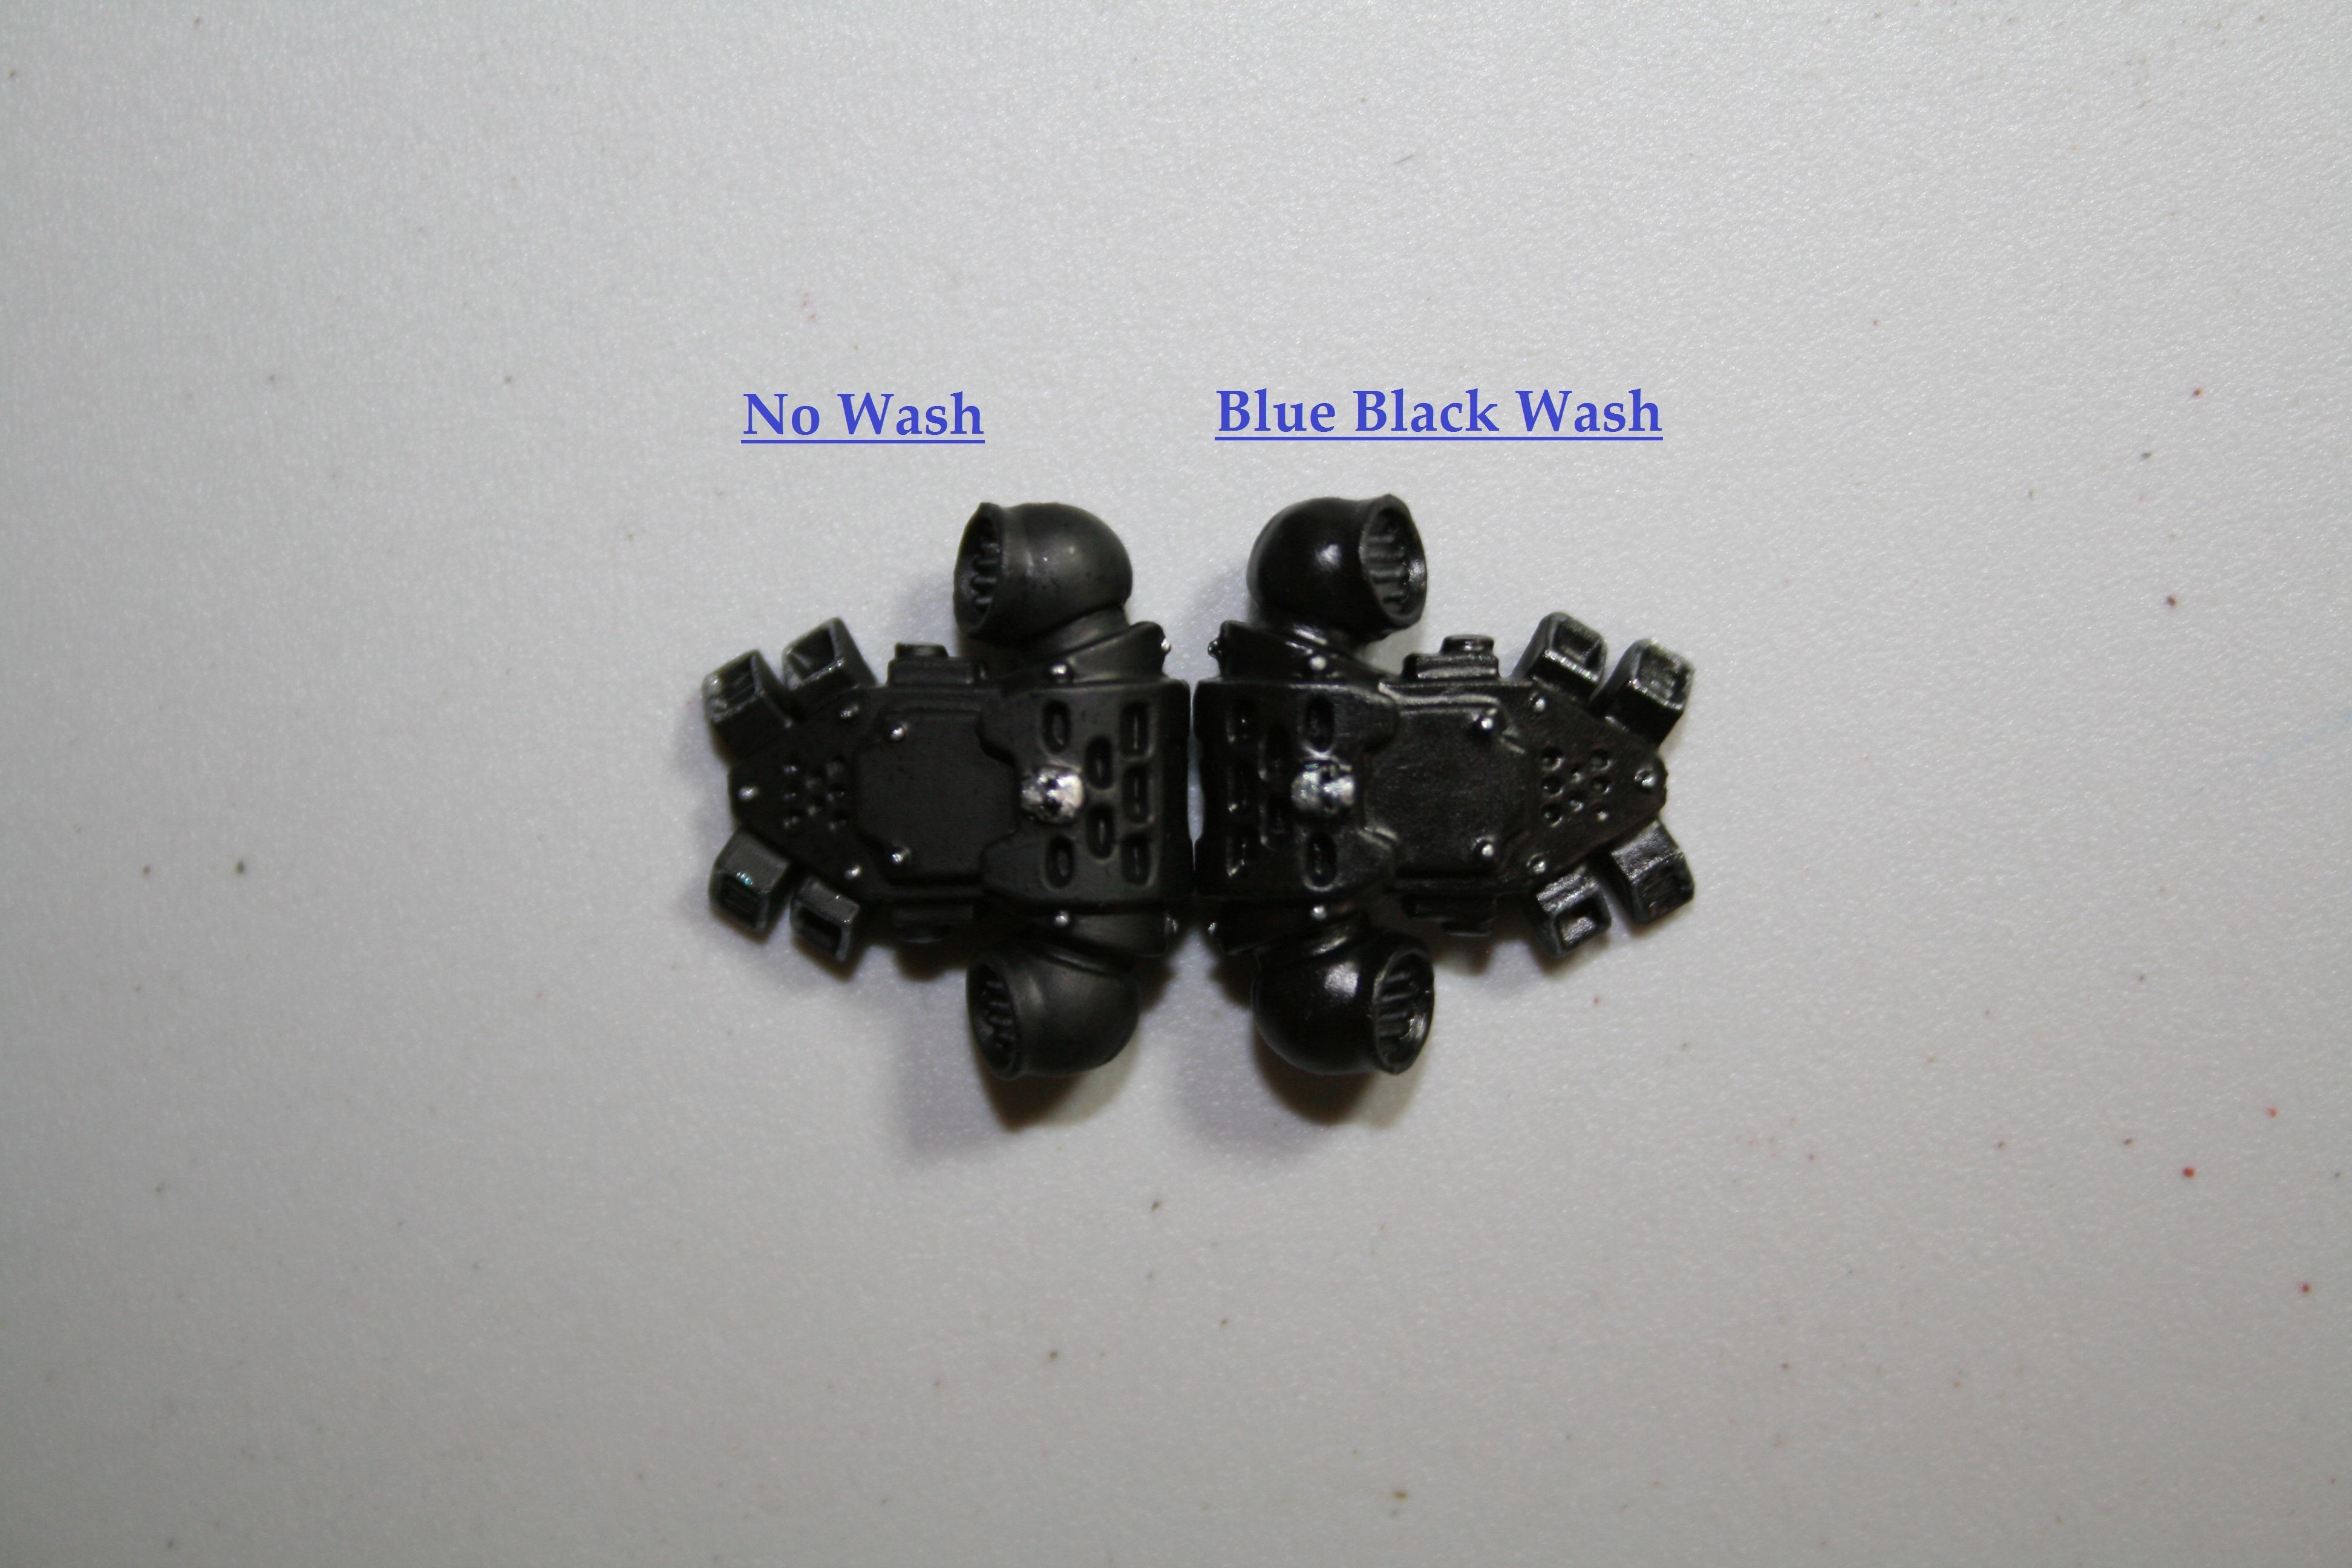 Blue Black Wash Front